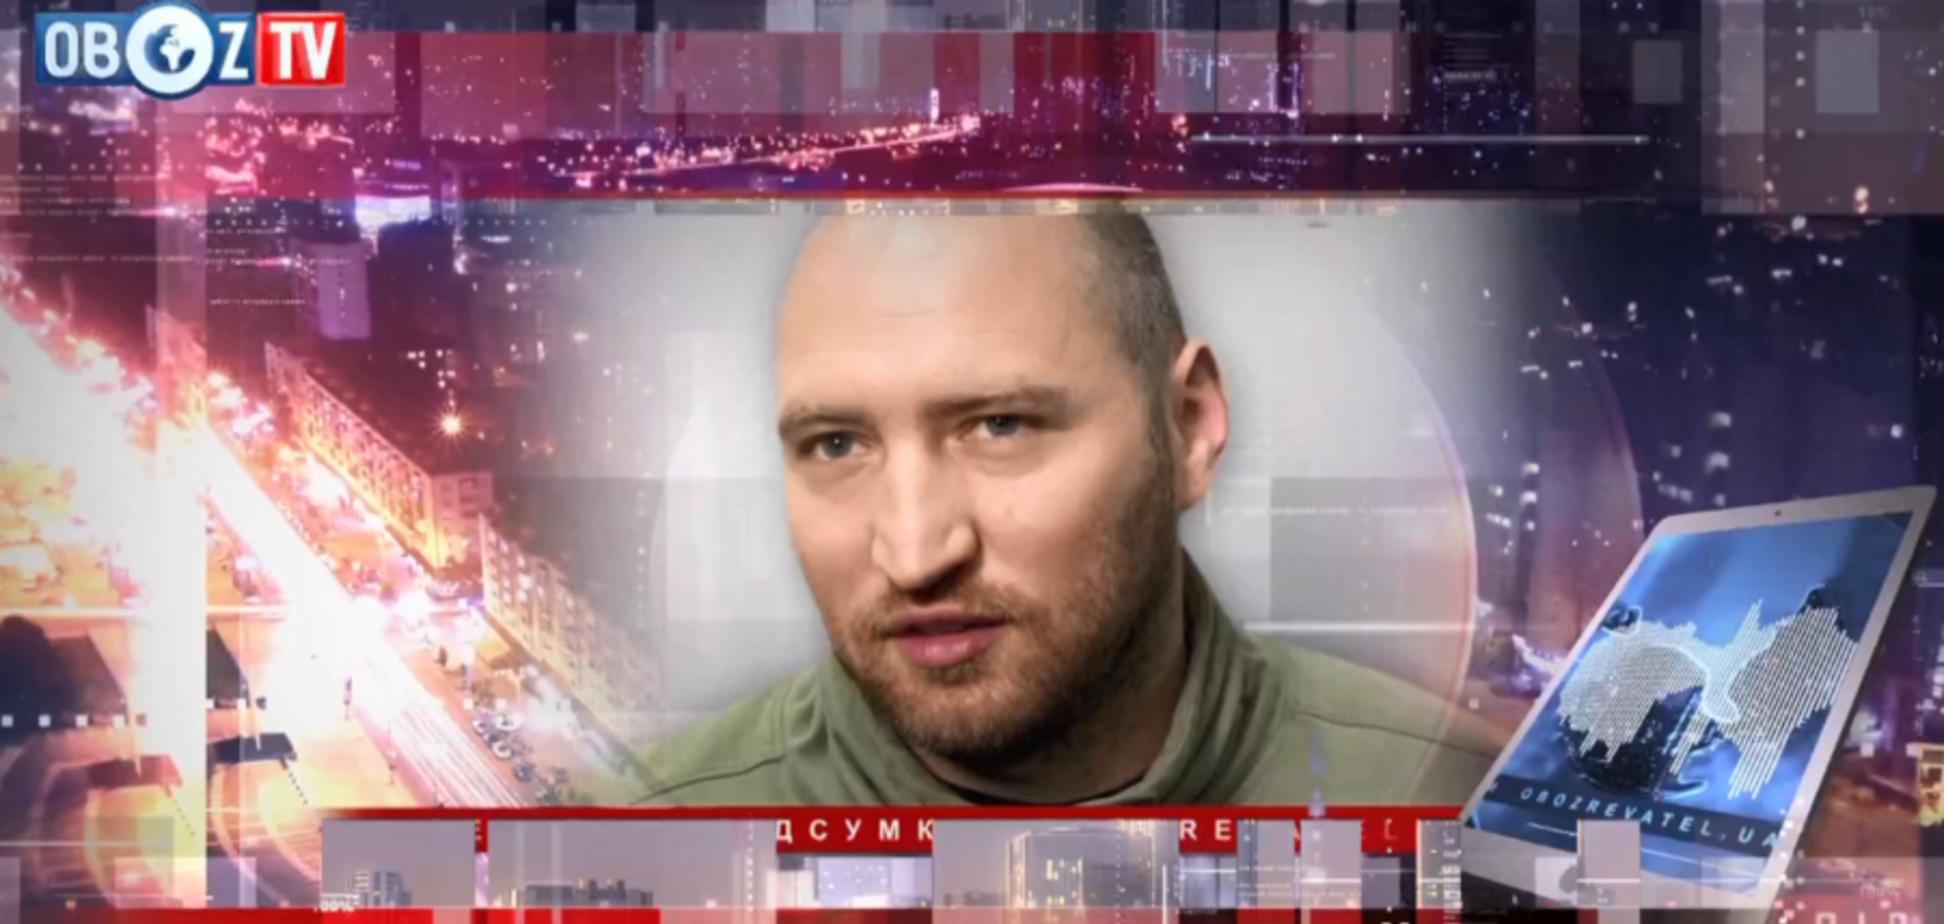 Окупація України і новий СРСР: ветеран АТО розкрив план Путіна